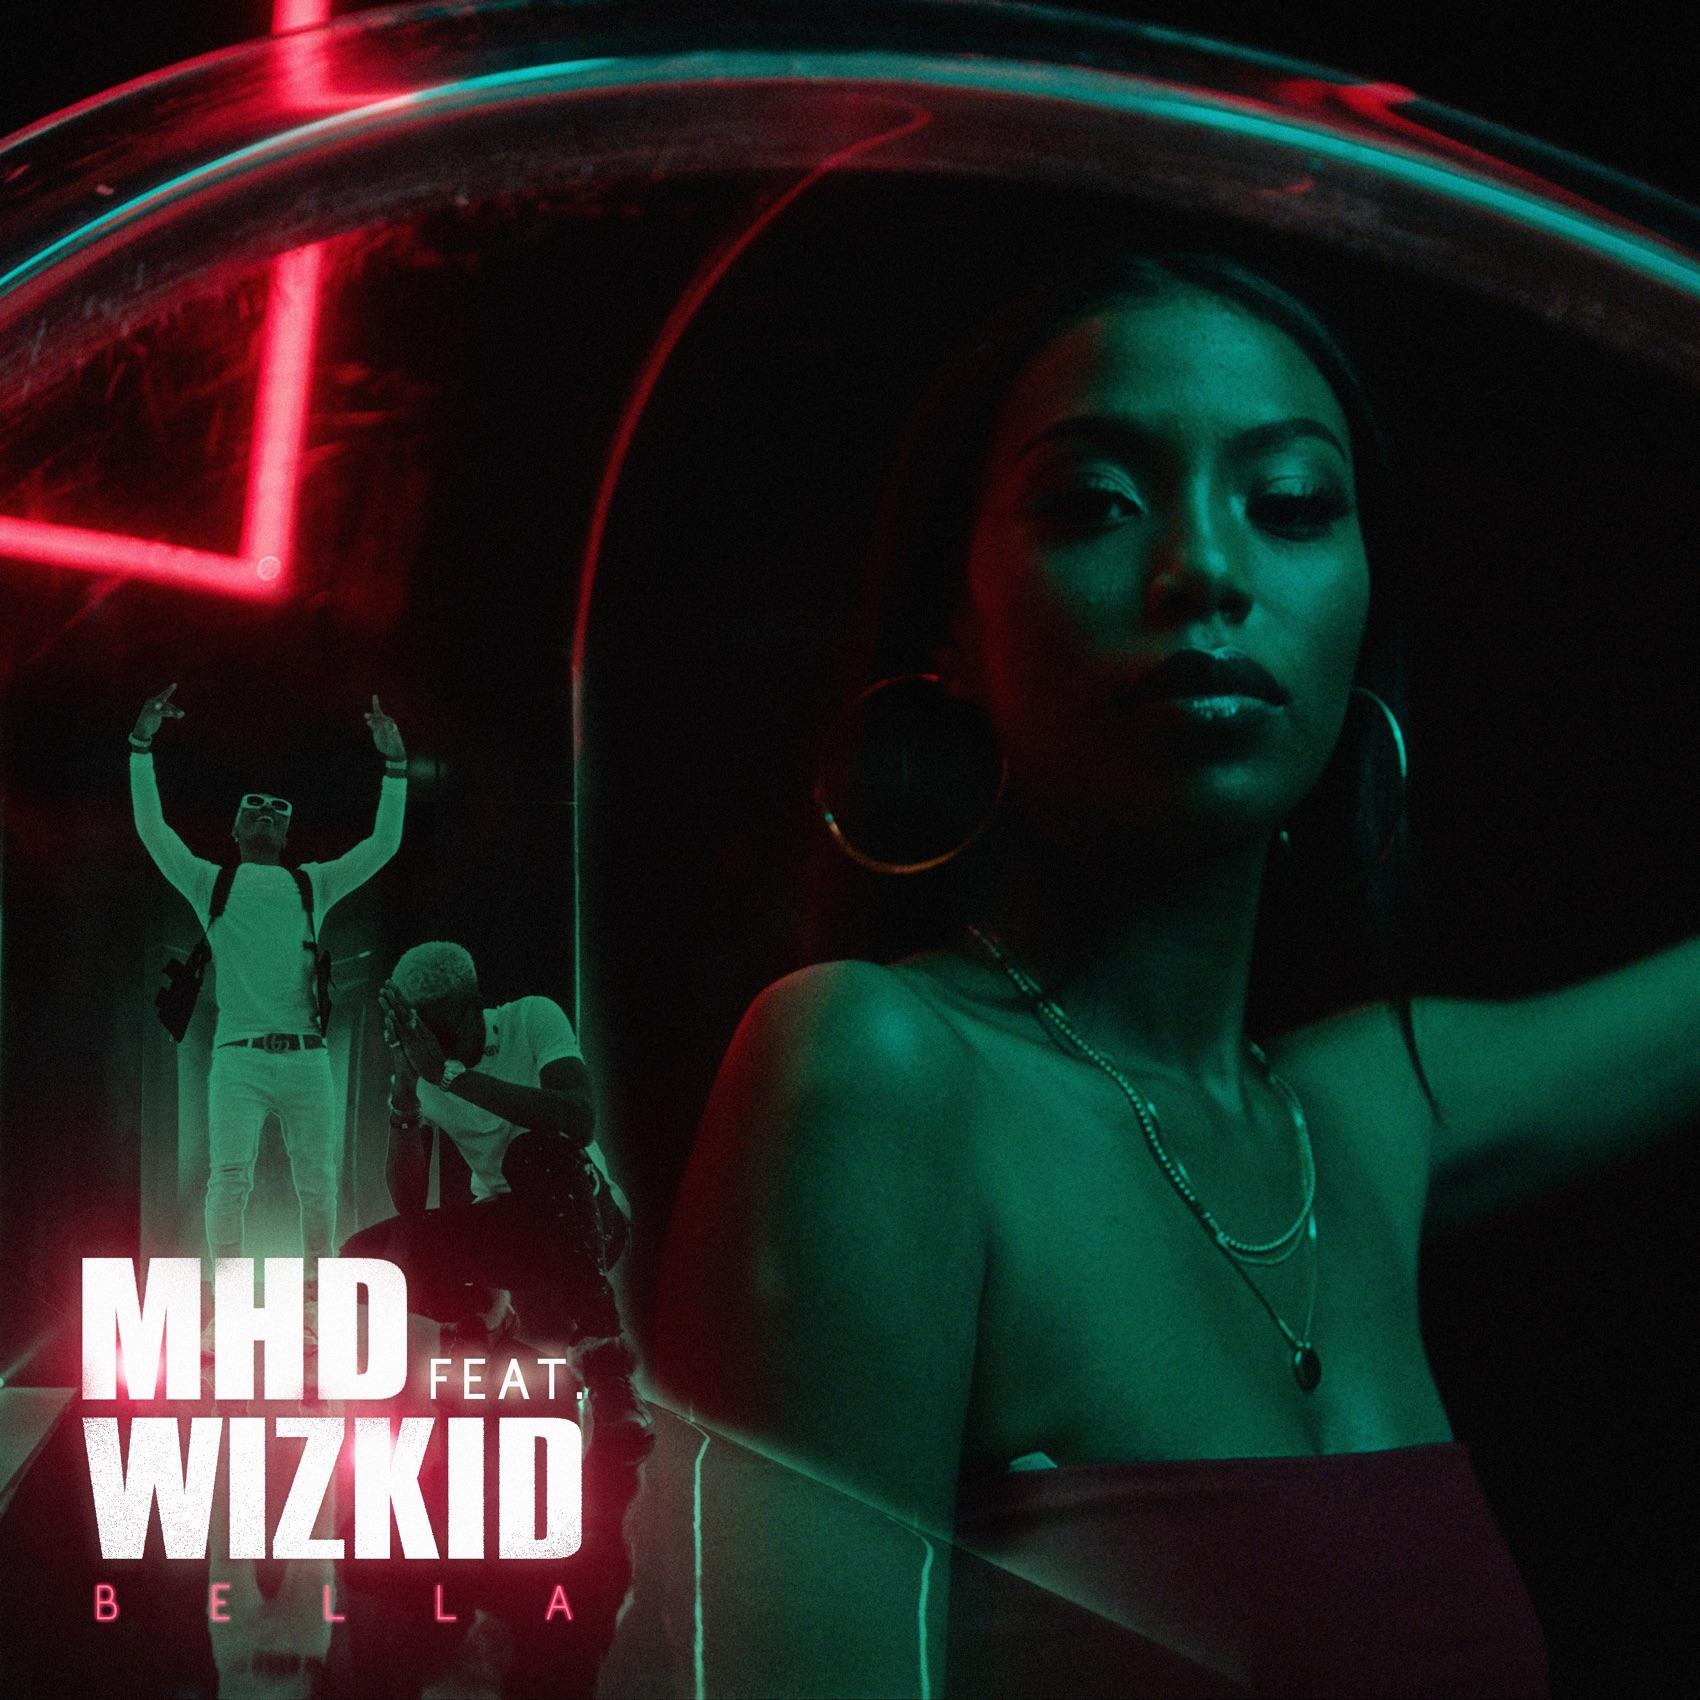 MHD, Wizkid - Bella